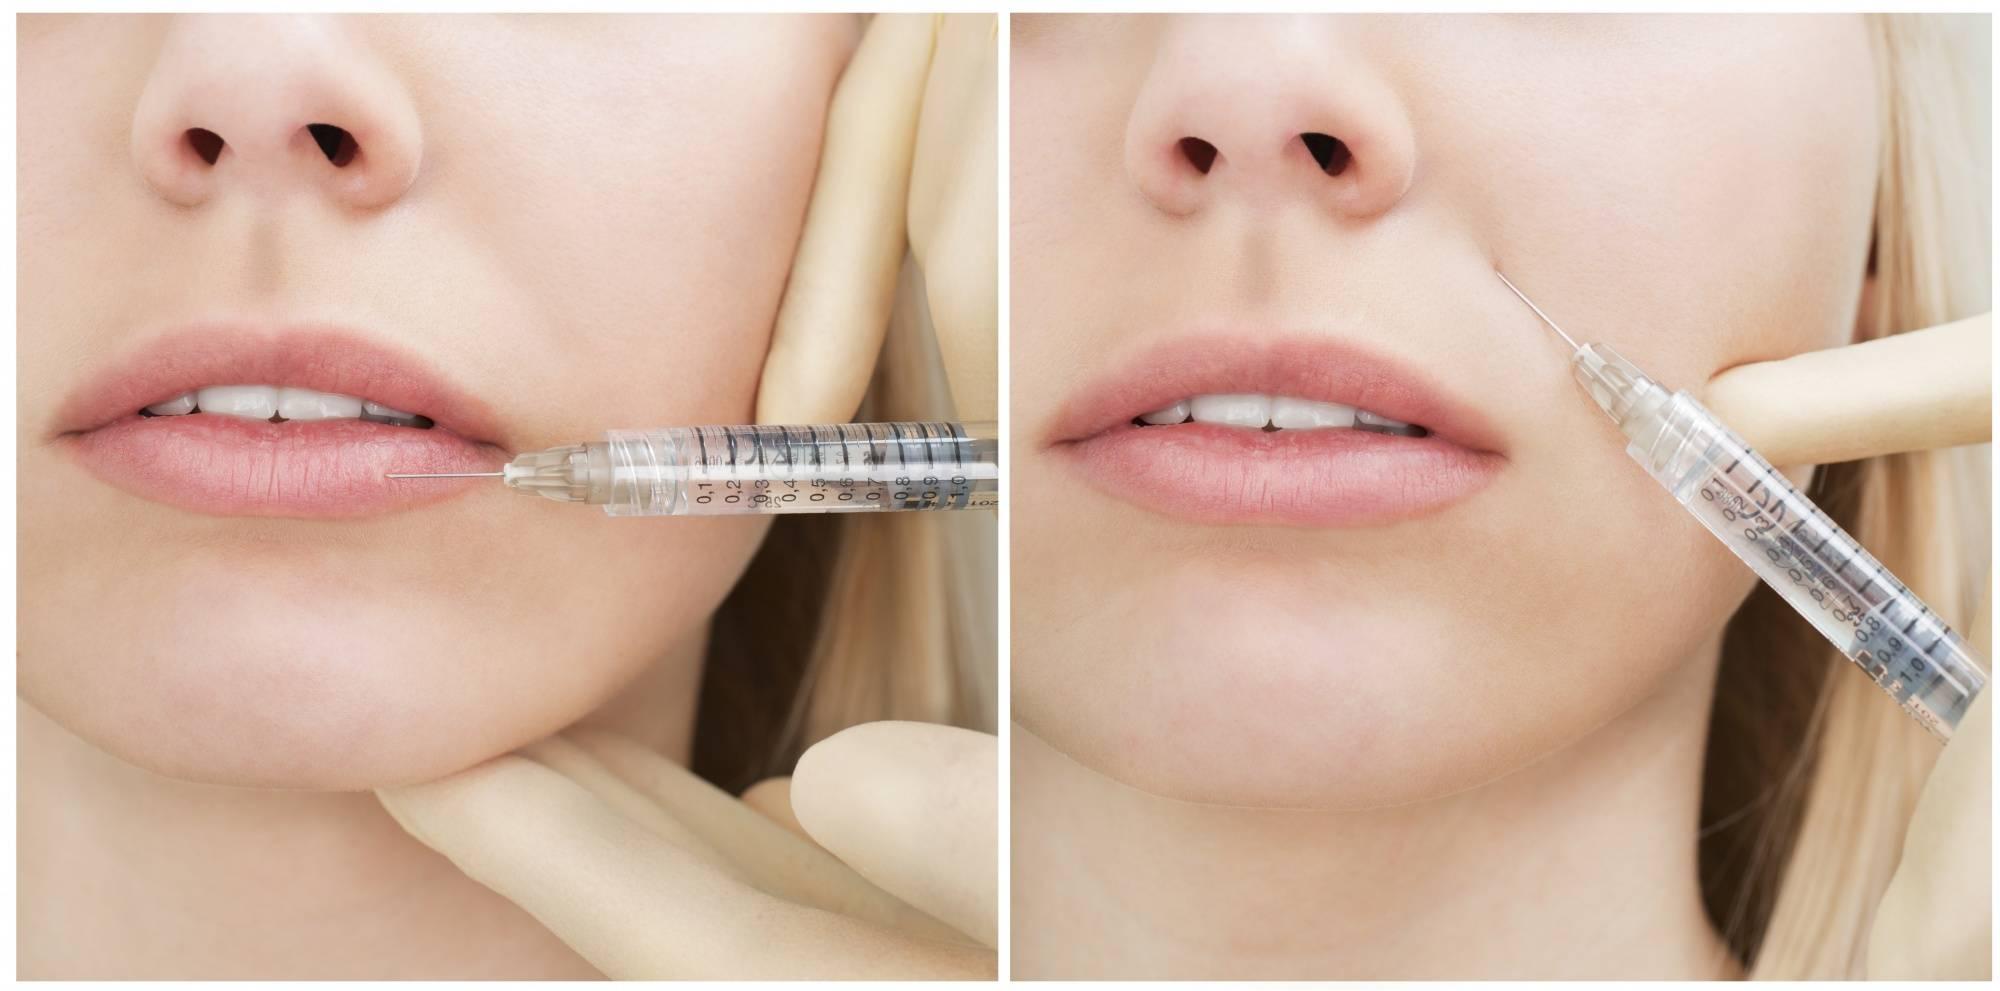 Филлеры в лоб: особенности процедуры и обзор популярных препаратов